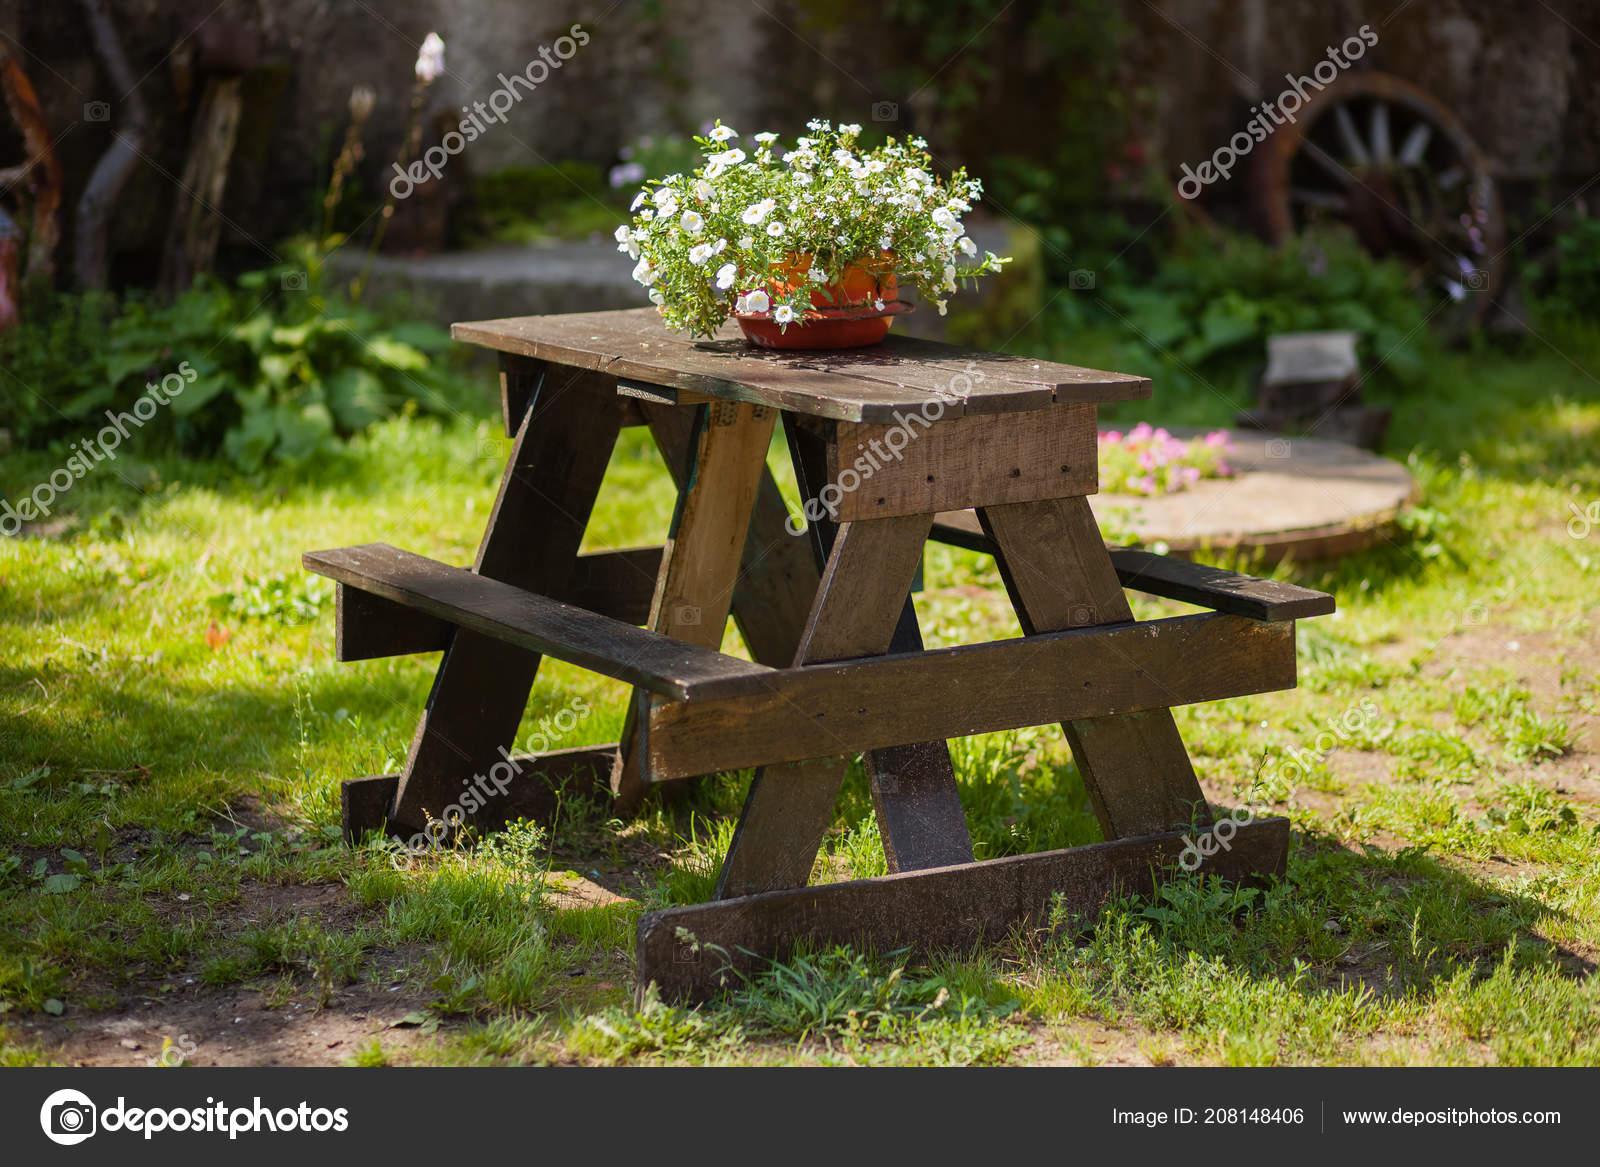 Table Bois Avec Pot Fleur Dans Jardin Près Maison ...